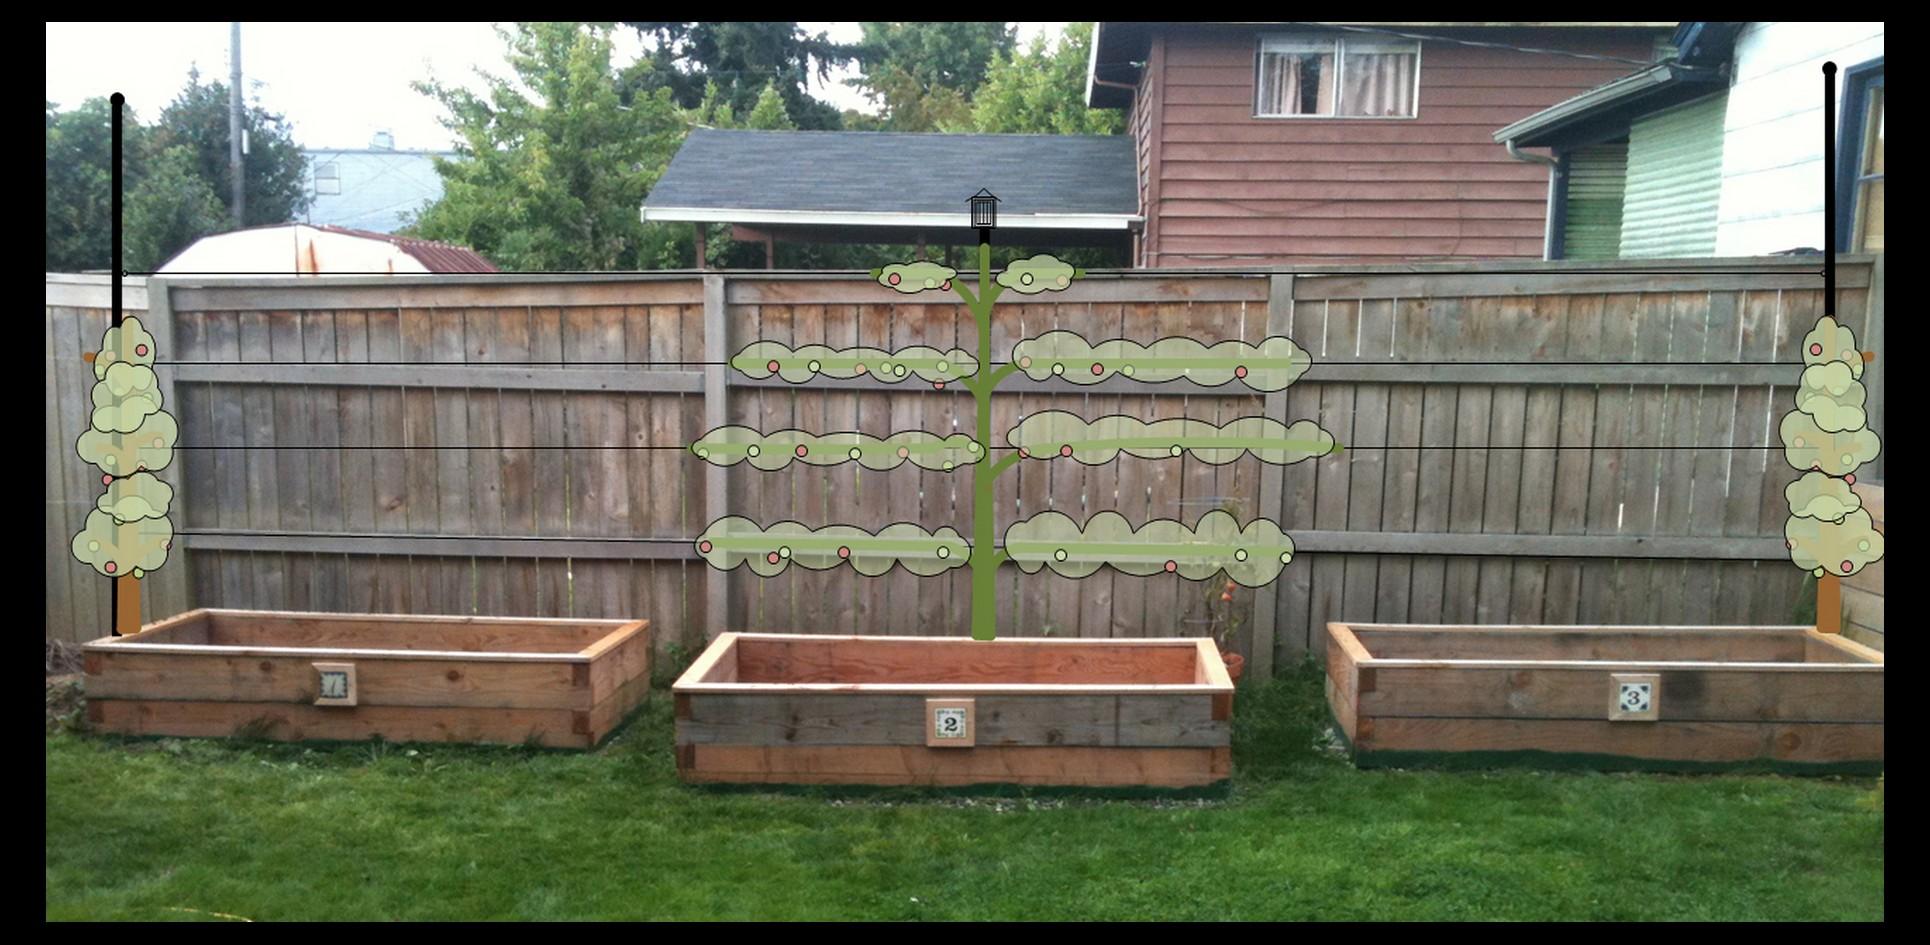 Compelling Shrub Landscaping Ideas Garden Garden Design Unduly Expensive Complicated Raised Garden Boxesdriven Outside Garden Design How To Build Vegetable Garden garden Veggie Garden Planters